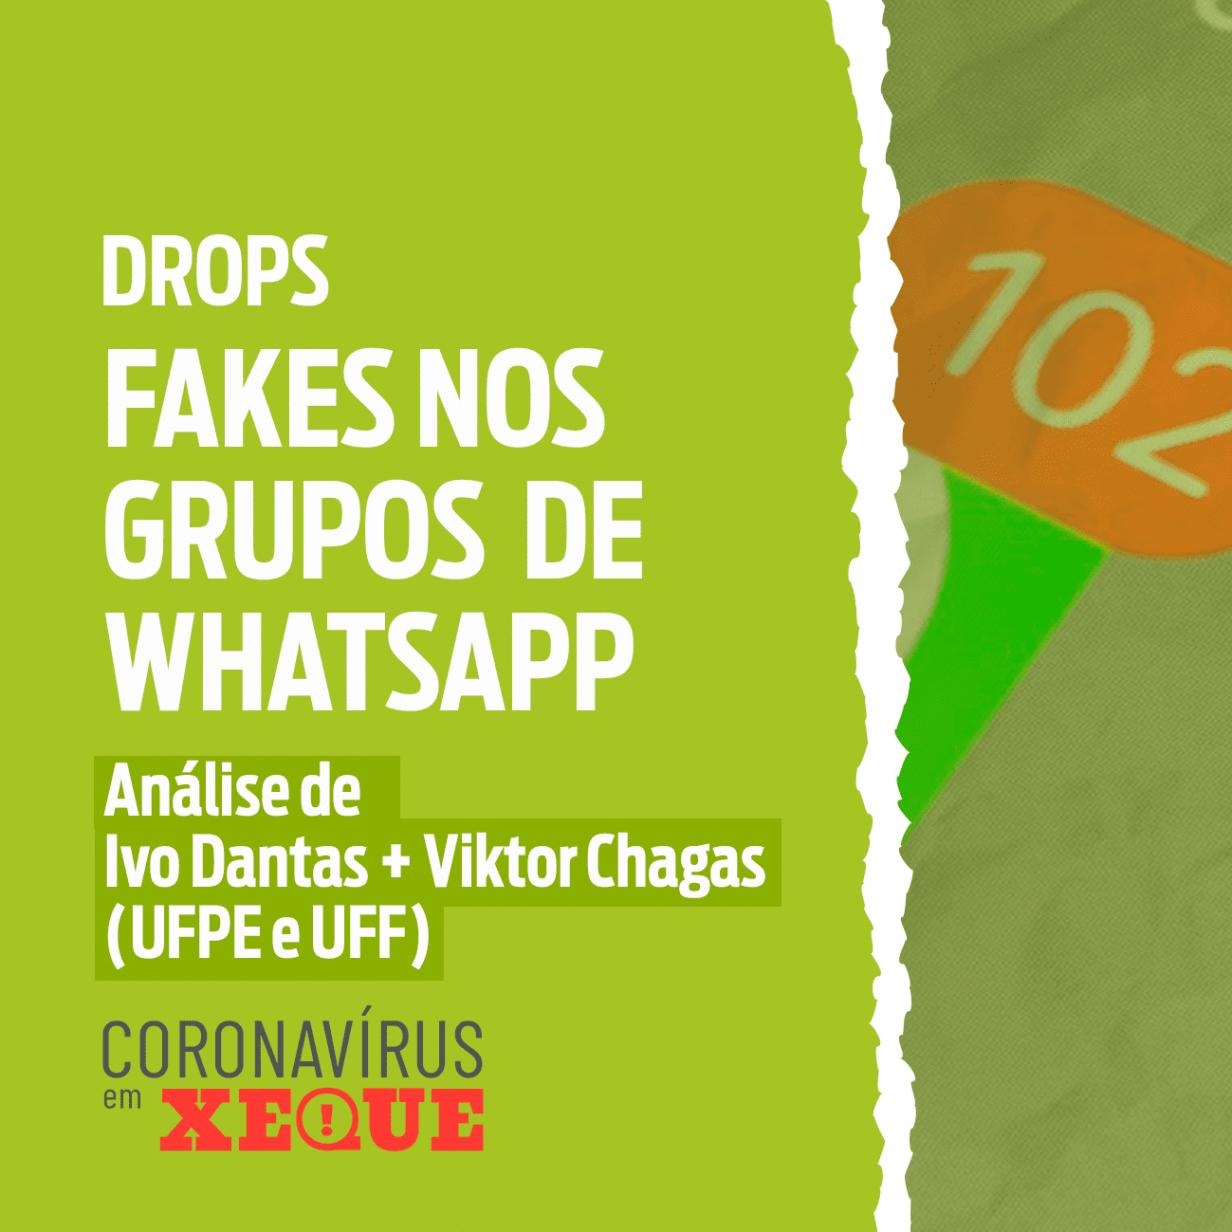 Fakes nos grupos de WhatsApp